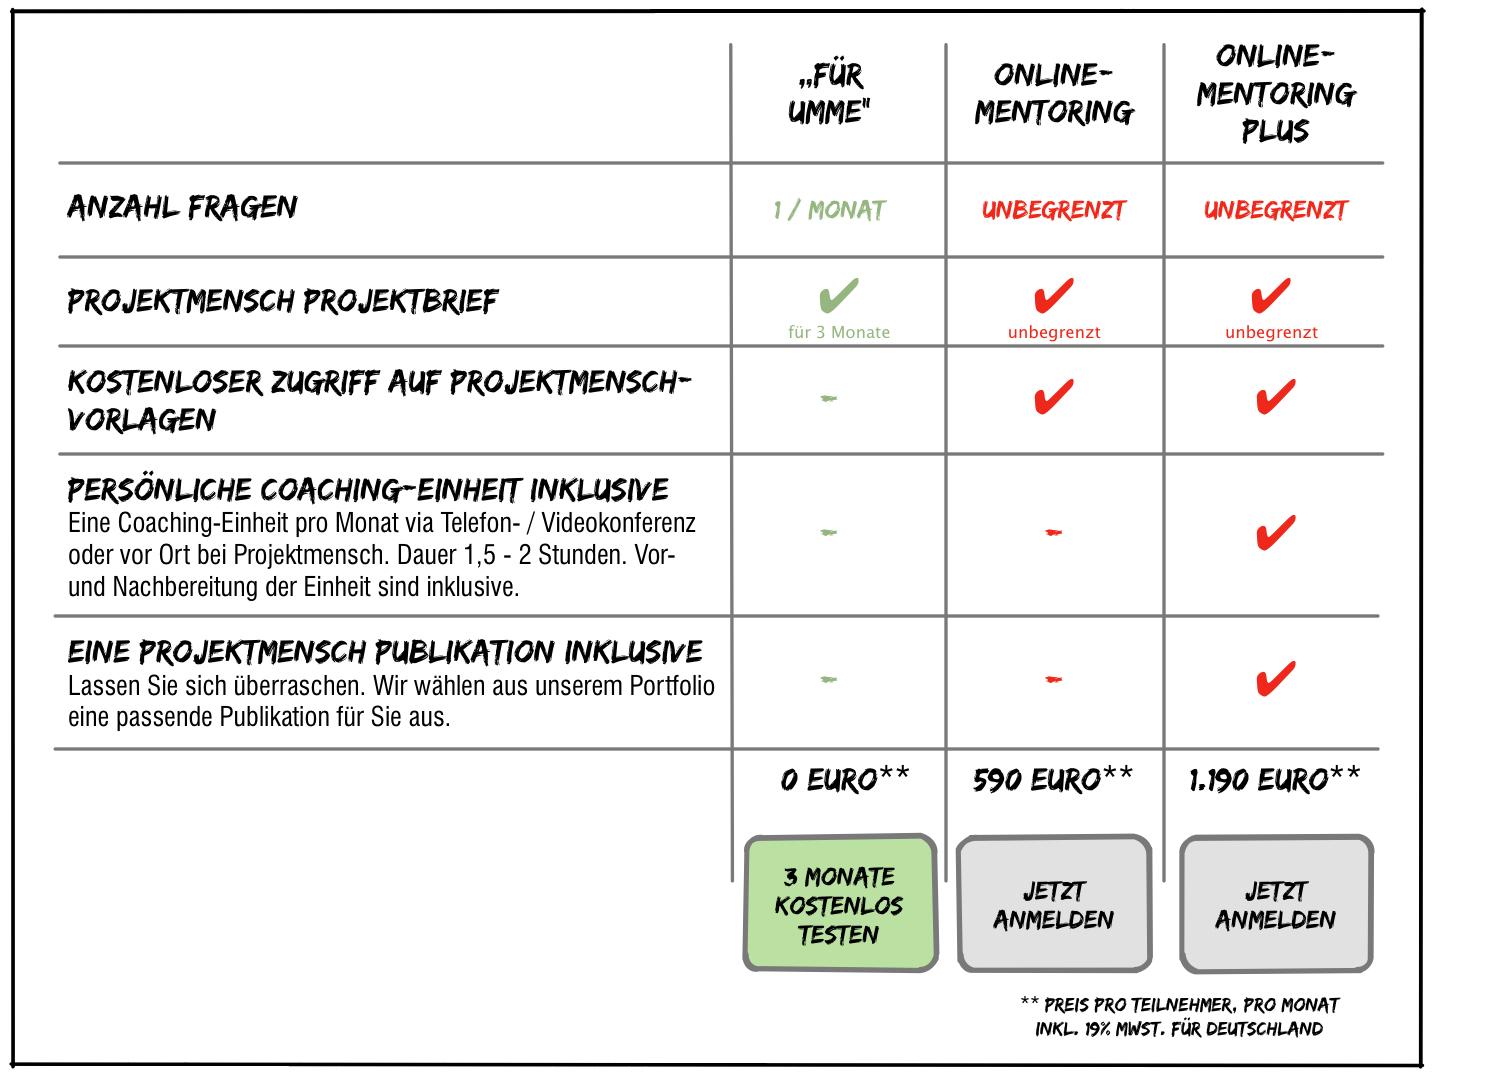 Das Projektmensch Online-Mentoring. Feedback, Antworten, Impulse, Vorlagen. Unkompliziert.